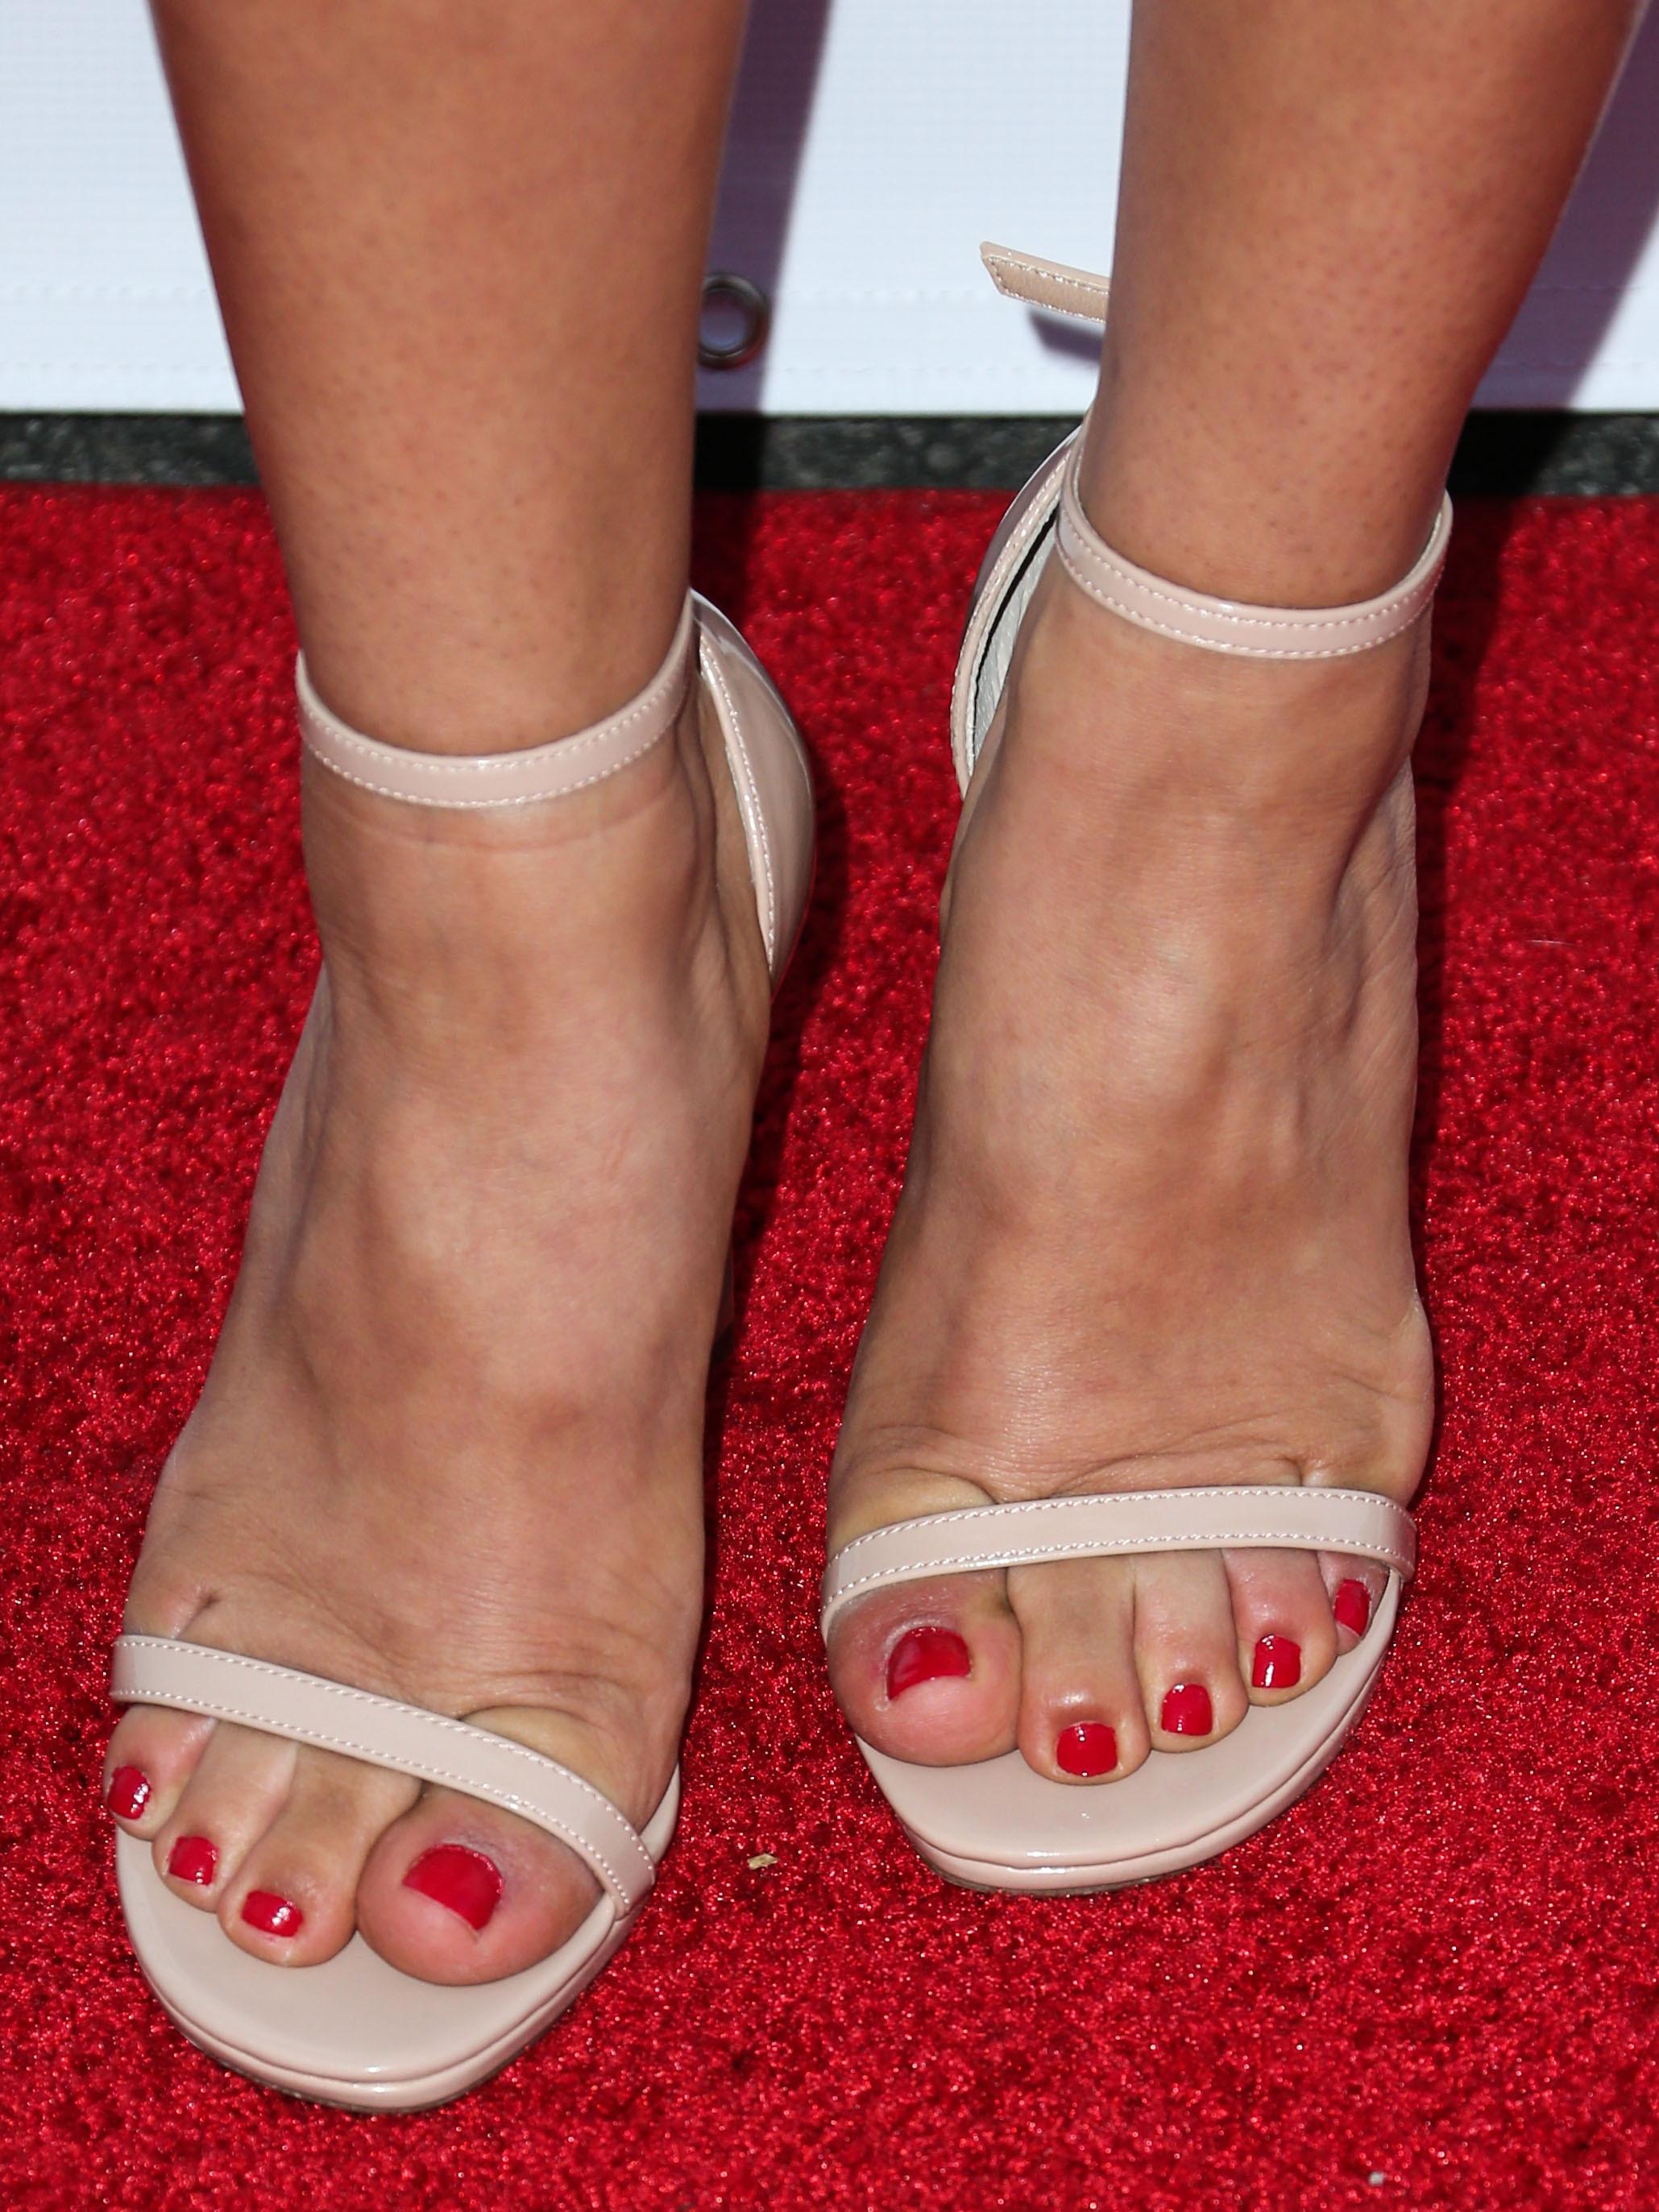 Erotica Feet Chrissie Fit  nudes (21 fotos), iCloud, panties